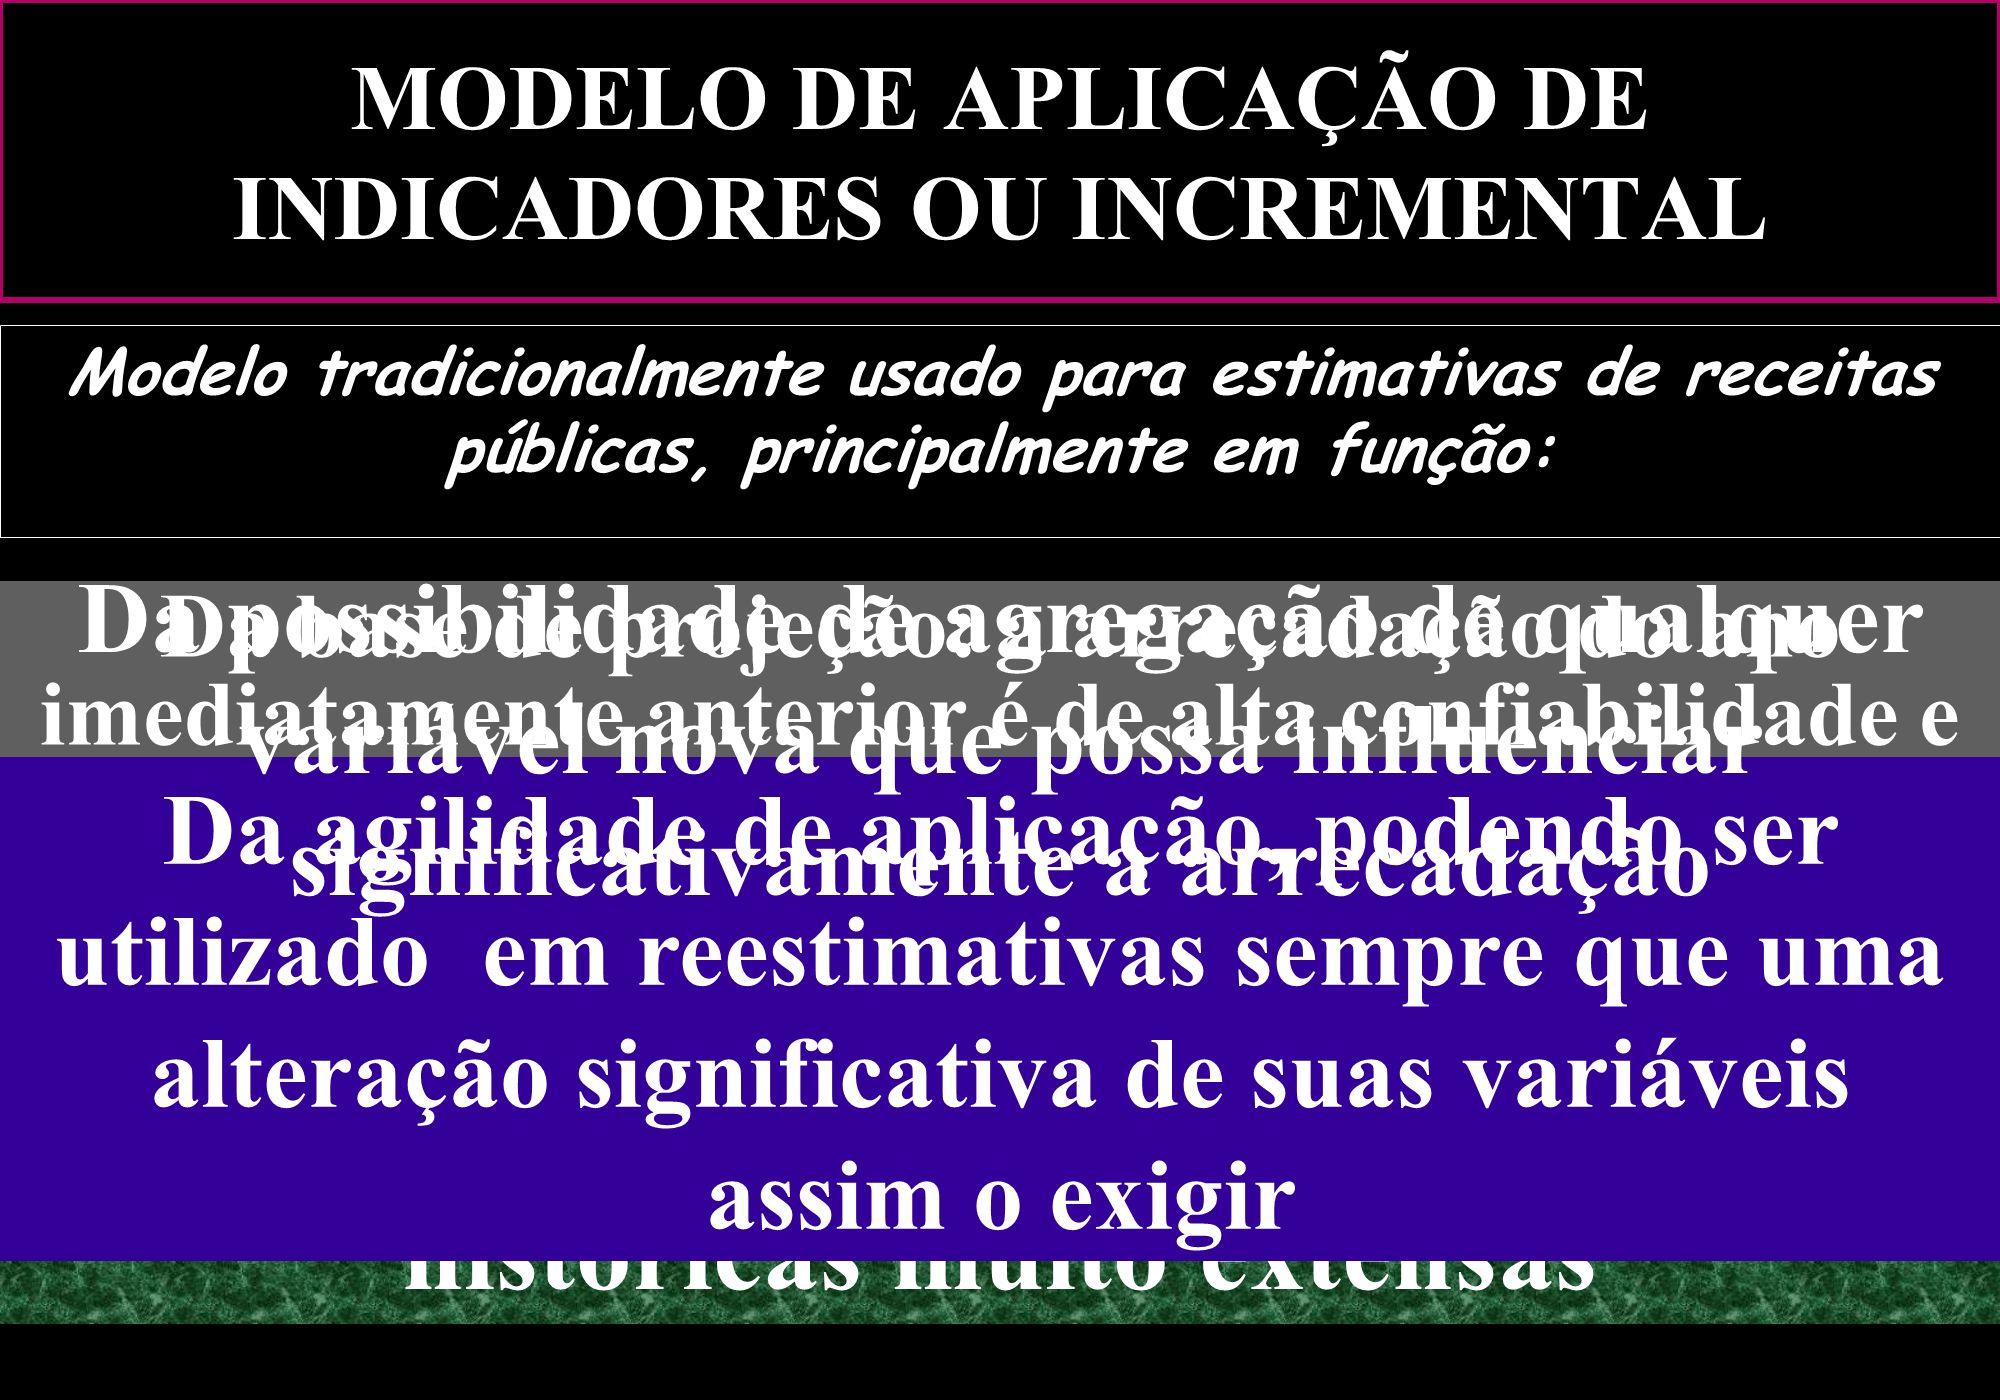 MODELO DE APLICAÇÃO DE INDICADORES OU INCREMENTAL Modelo tradicionalmente usado para estimativas de receitas públicas, principalmente em função: Da fa